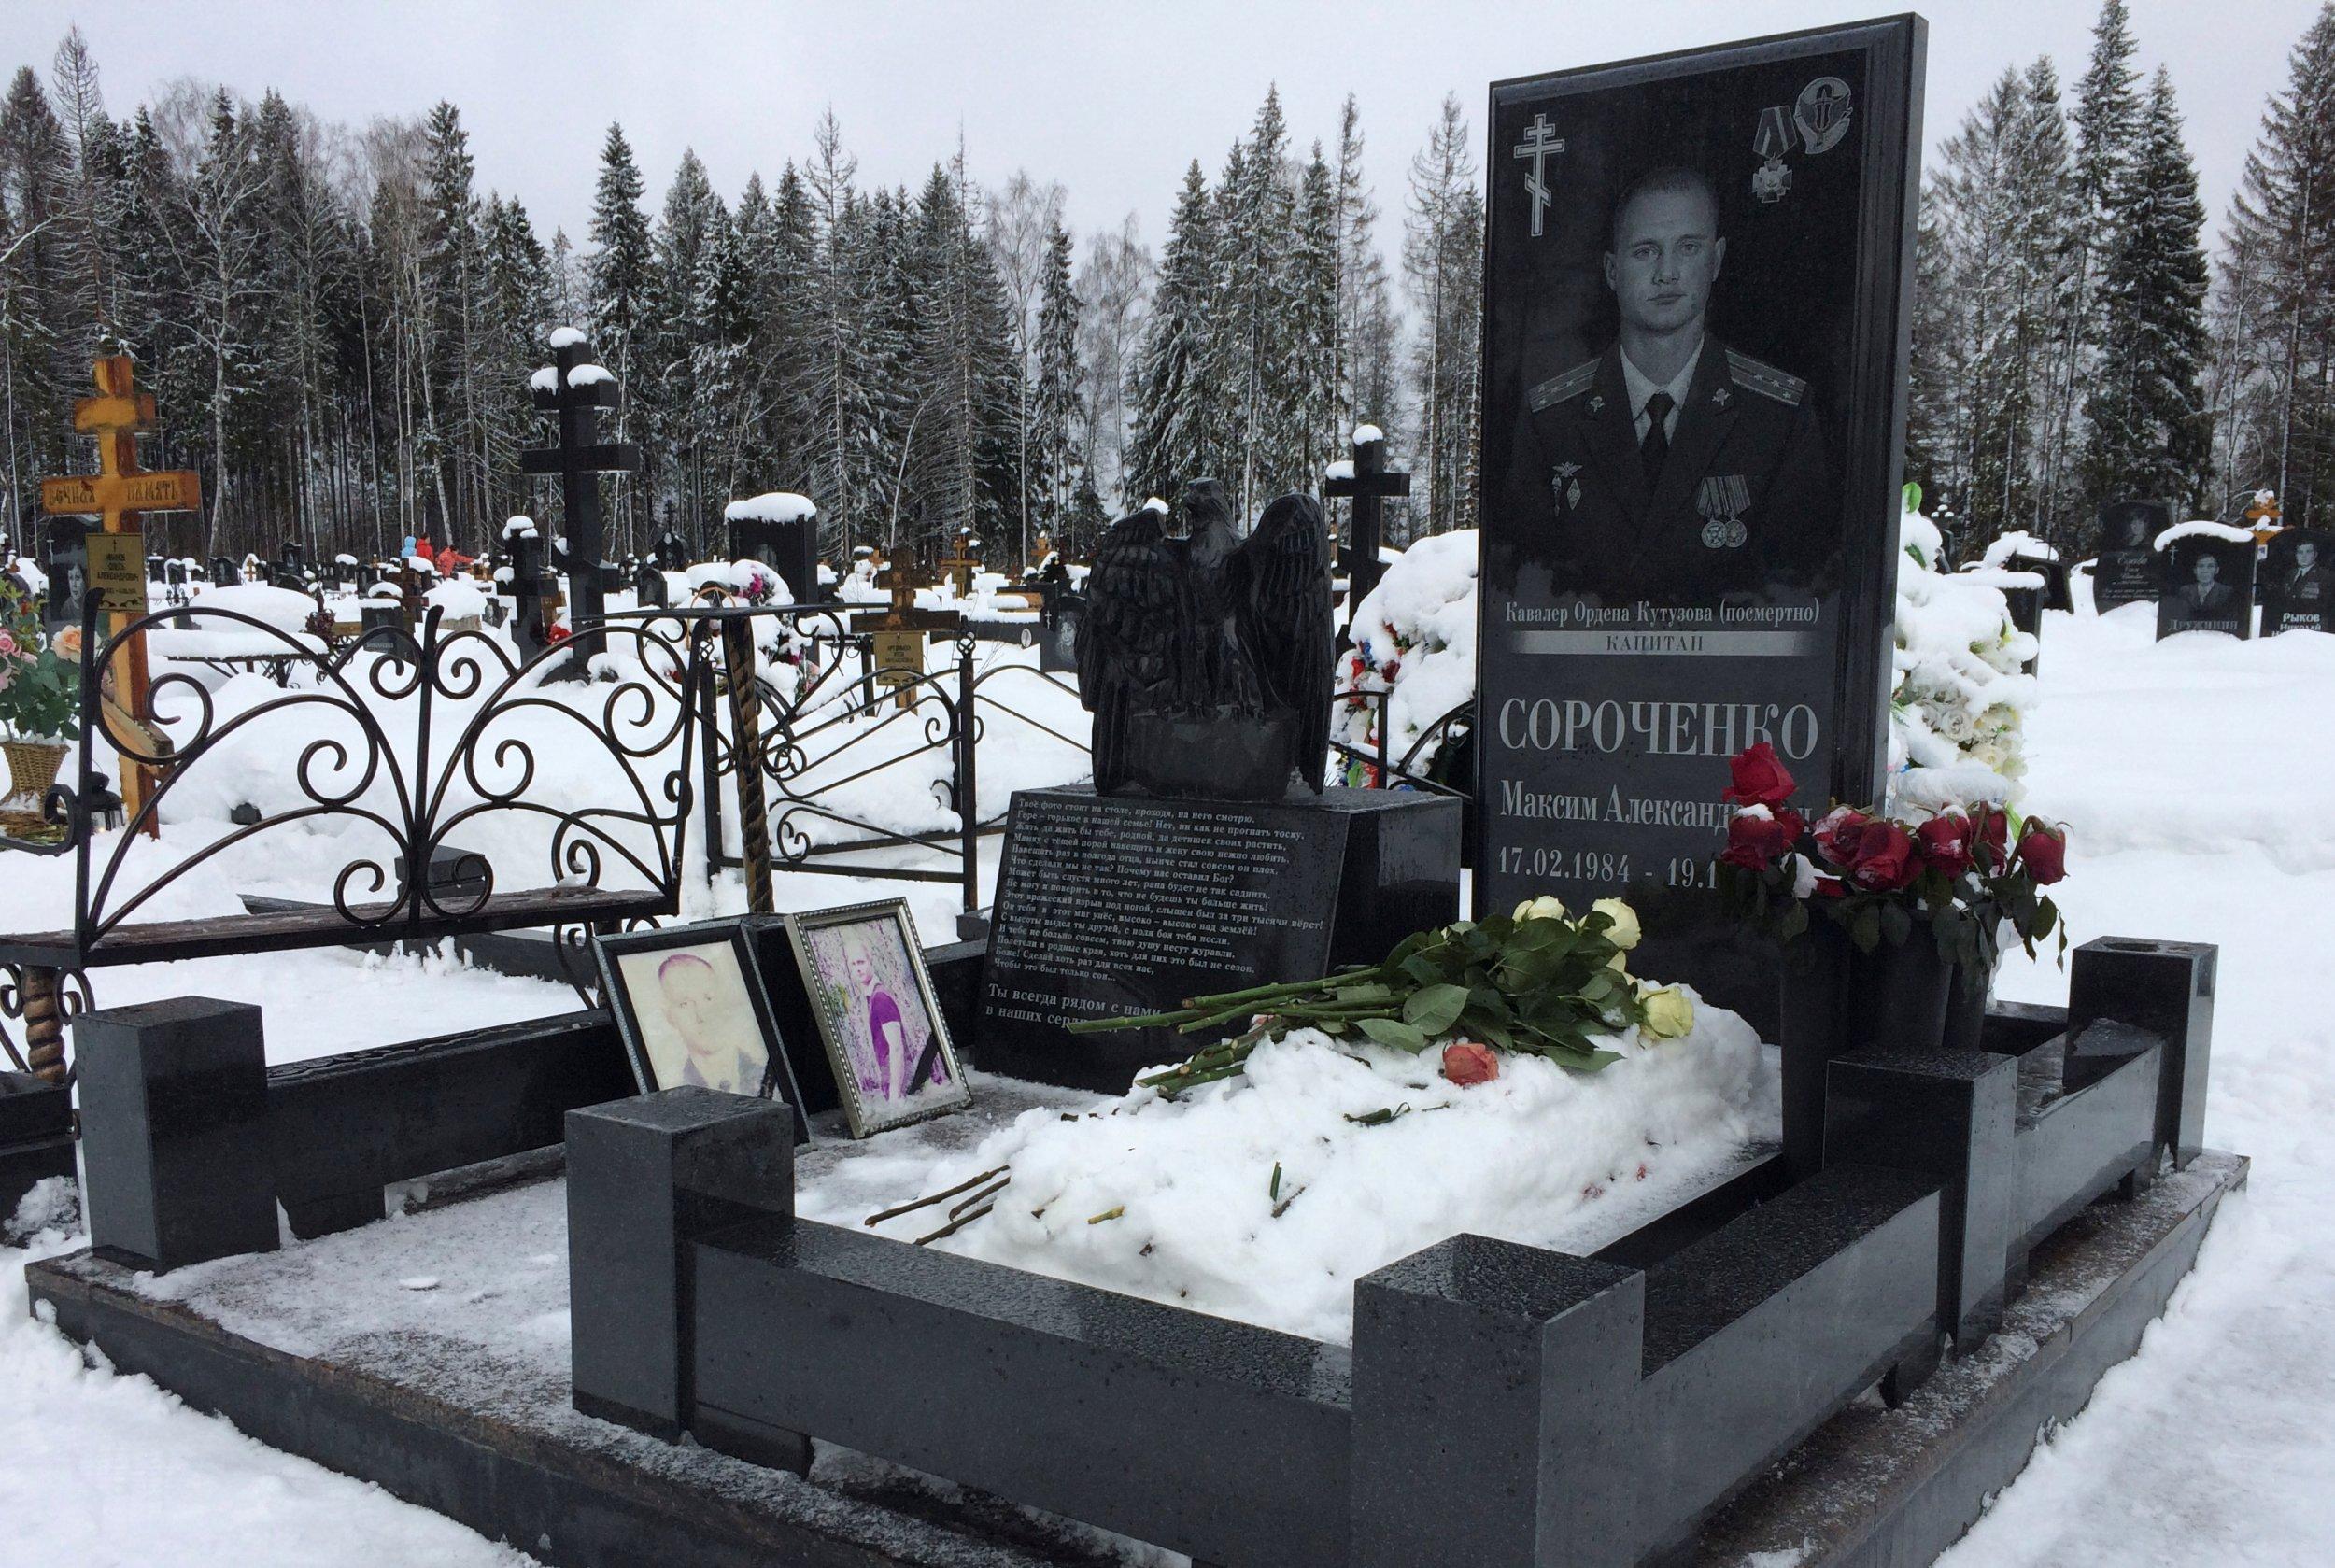 Russian grave